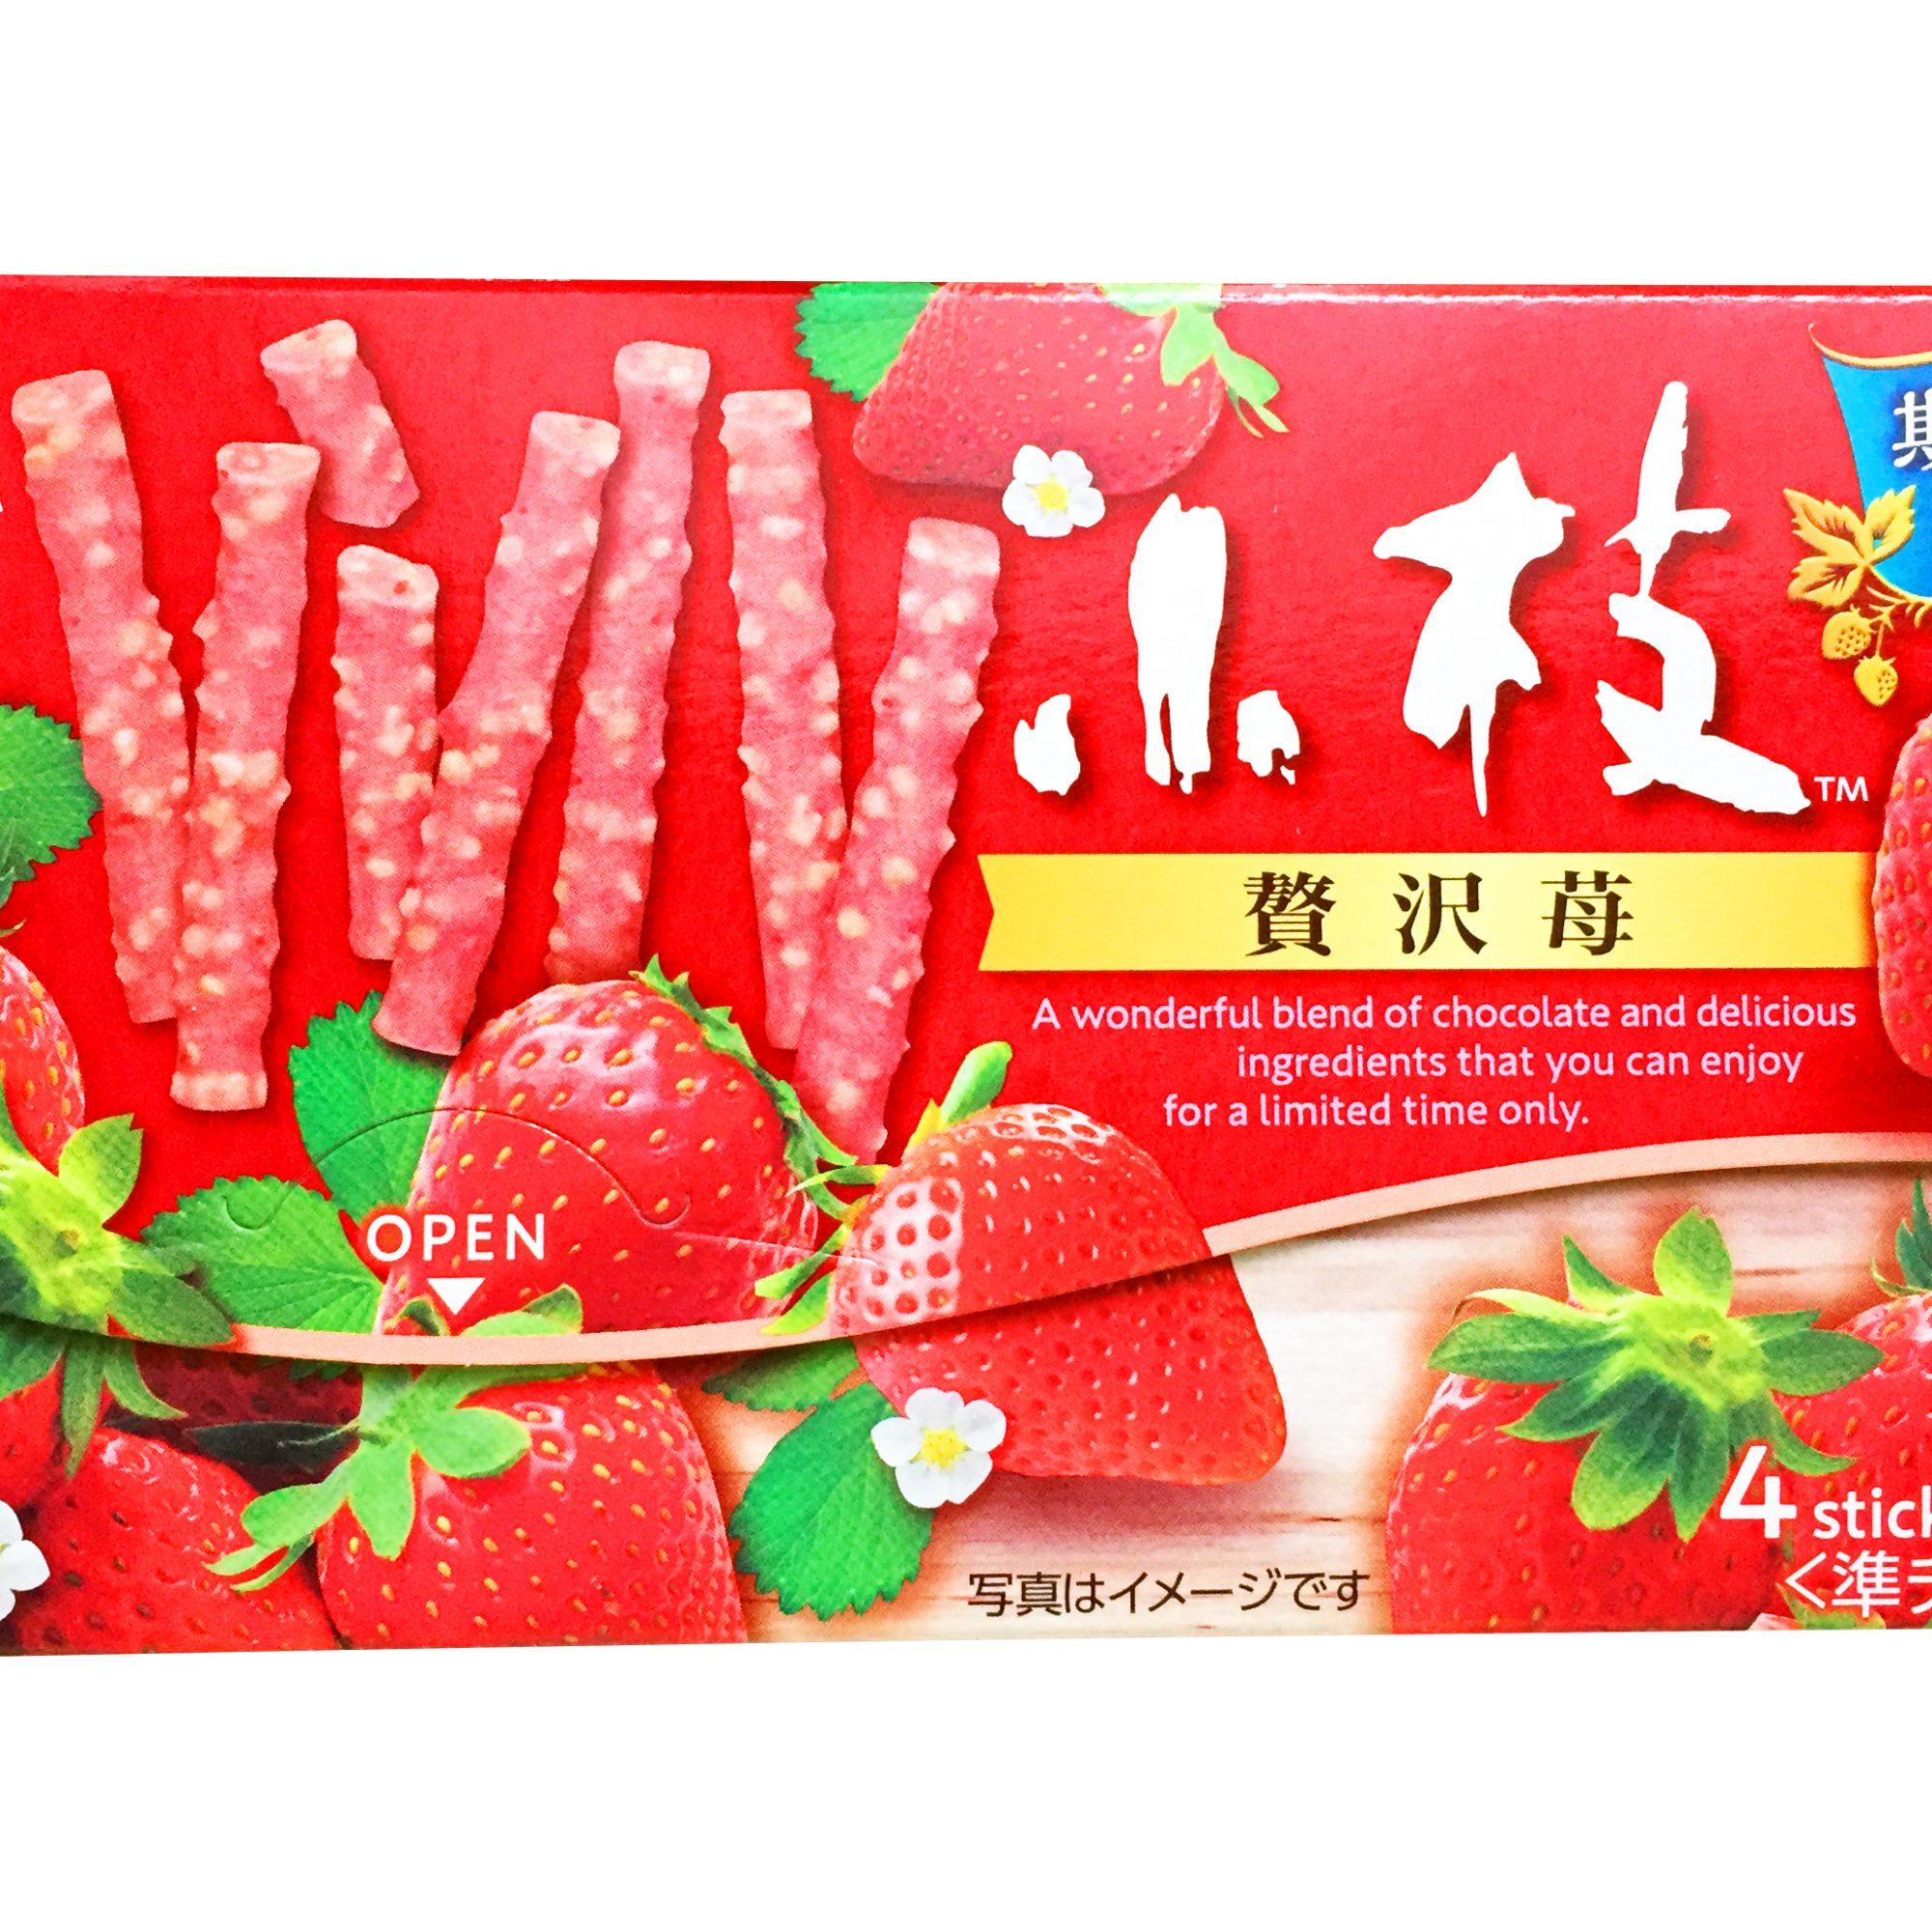 森永製菓『小枝<贅沢苺> 』実食レビュー!甘酸っぱくて濃厚な苺と香ばしパフの余韻が楽しいなめらか準チョコレート◎